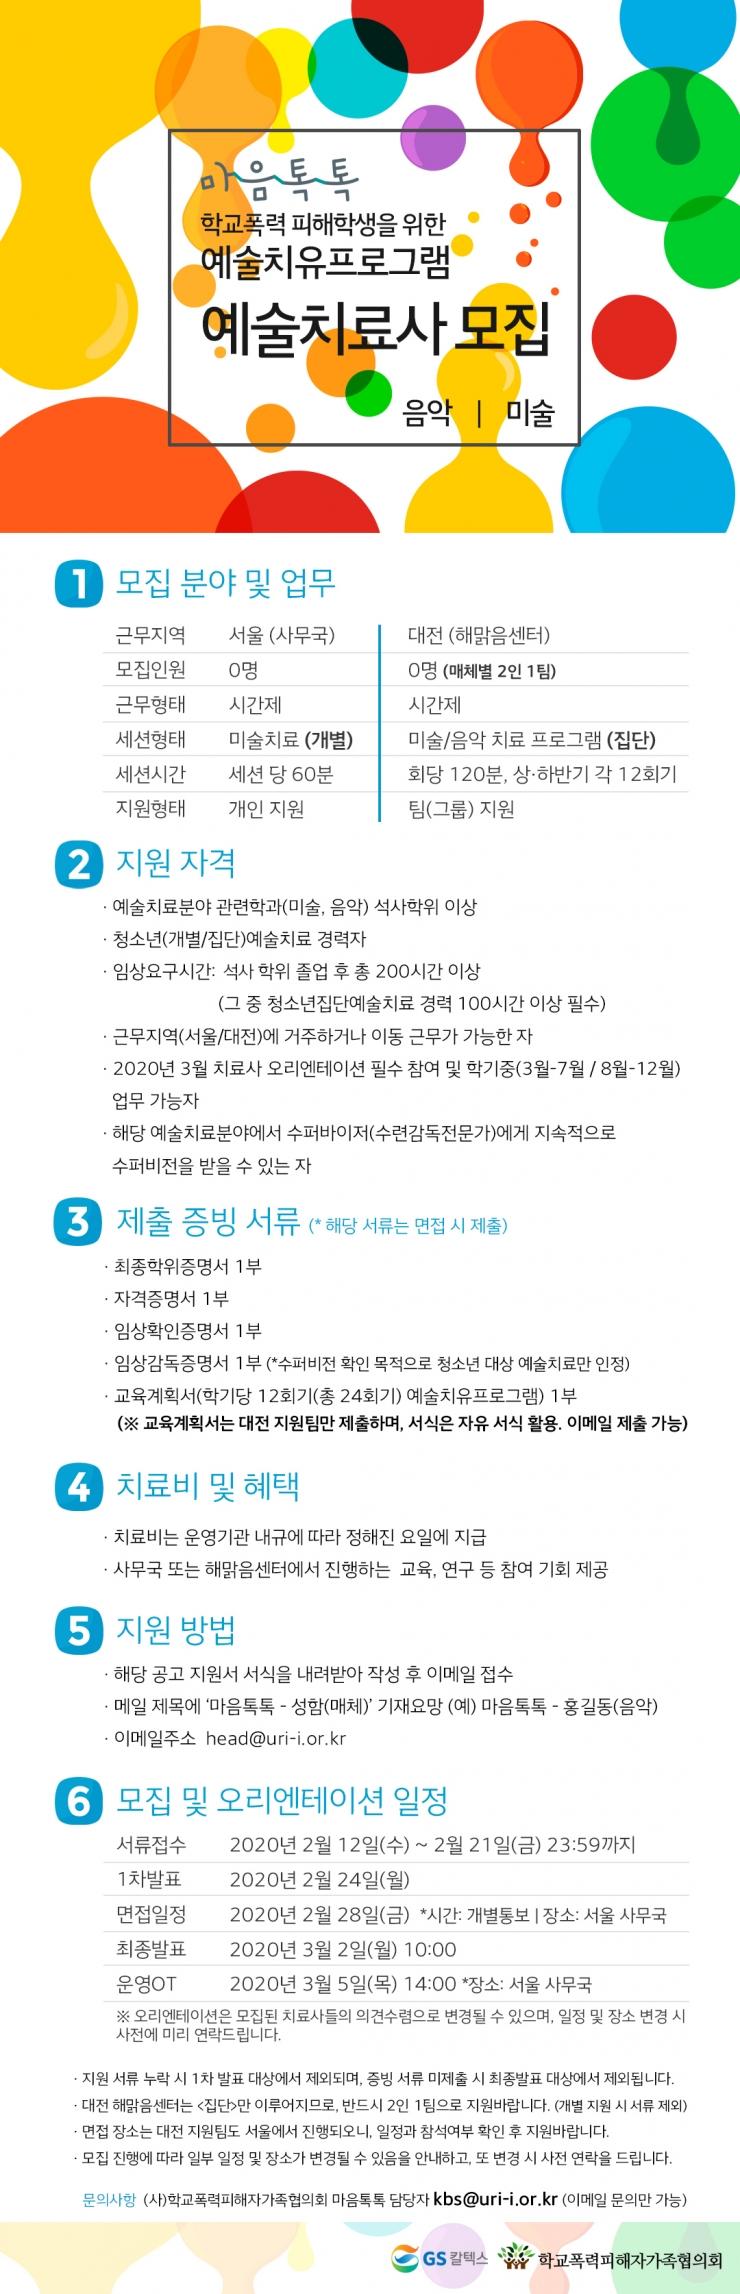 2020년 학가협X마음톡톡 예술치료사 모집